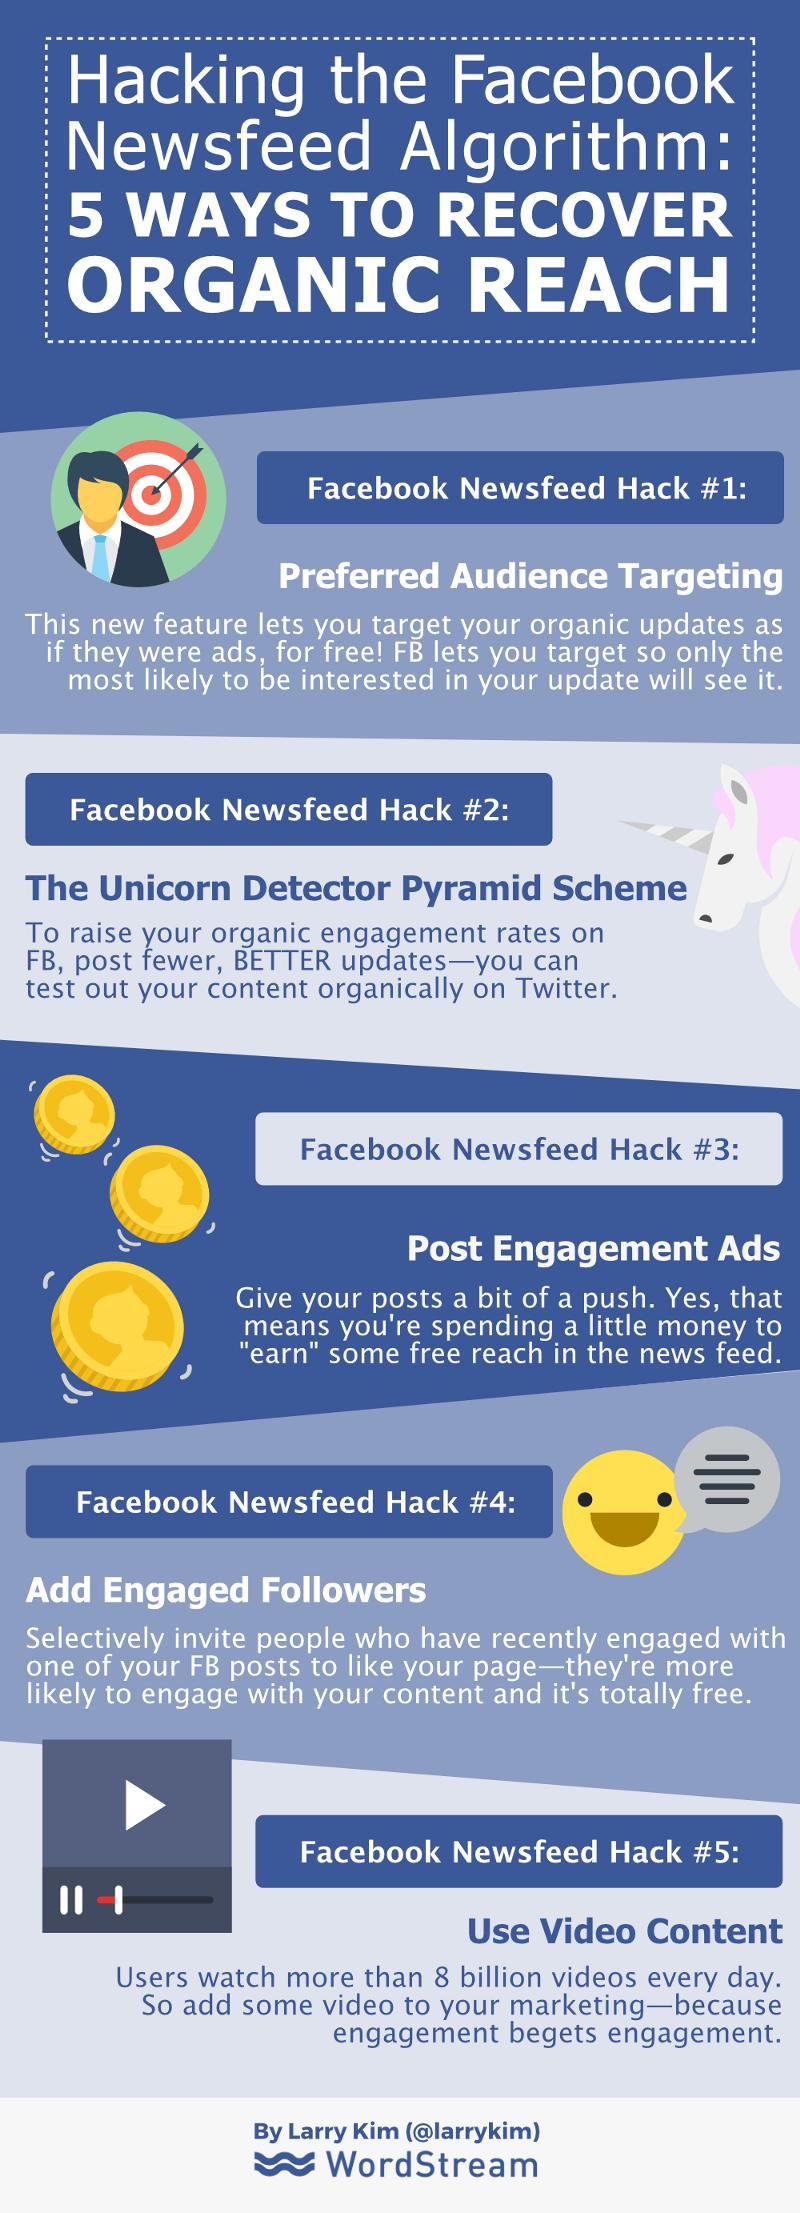 5 sencillos y efectivos hacks para recuperar alcance orgánico en Facebook